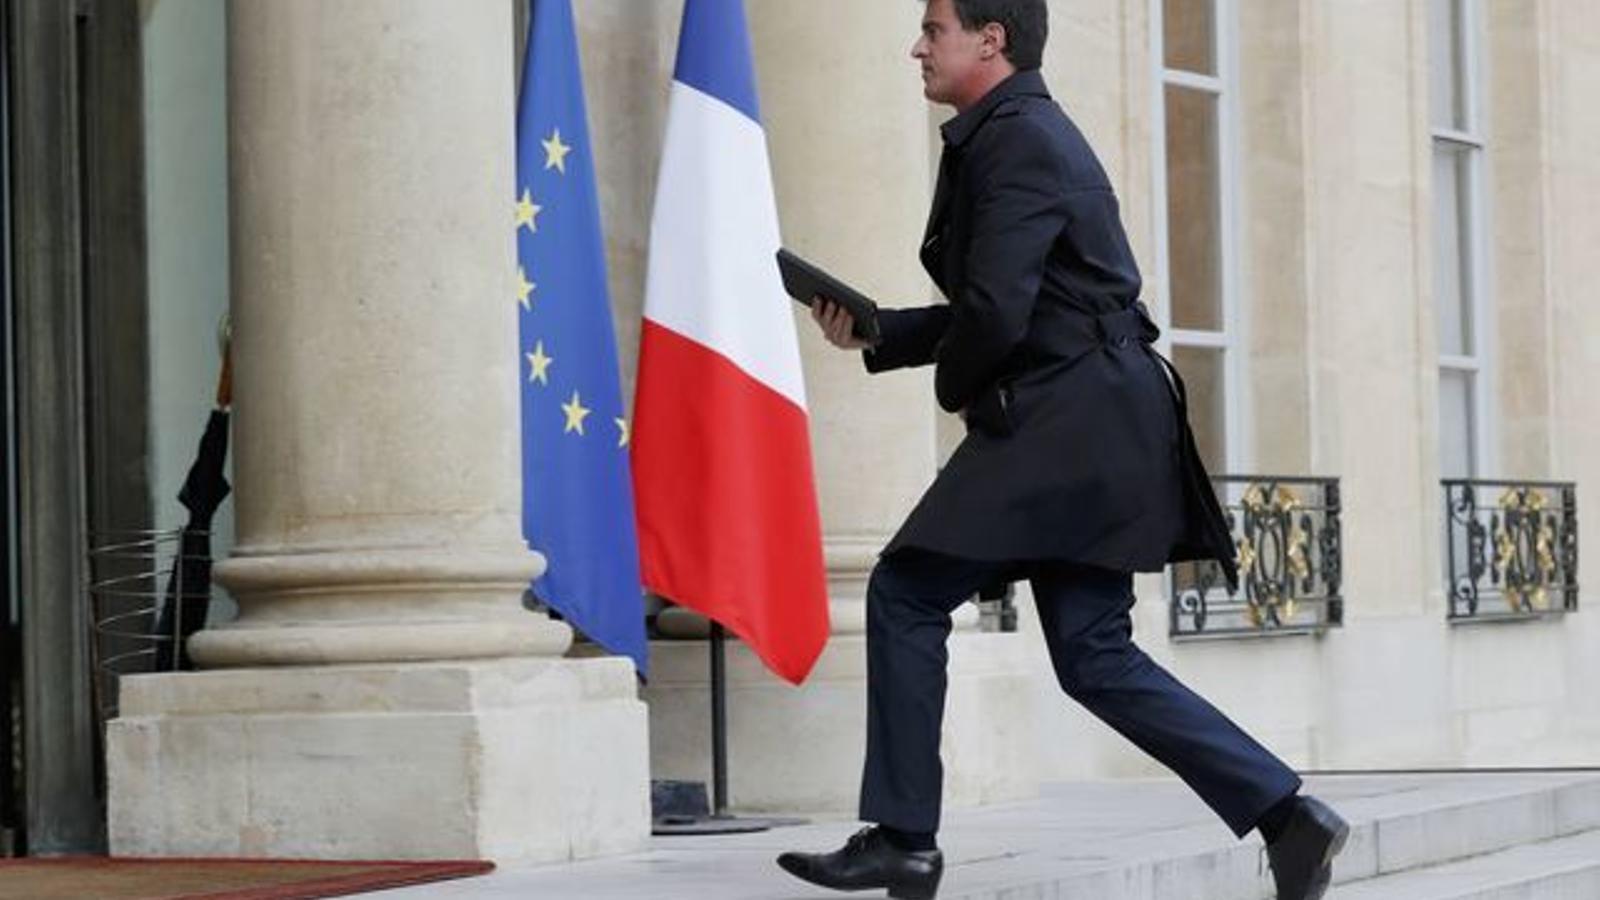 Valls arriba al Palau de l'Elisi, en una imatge d'arxiu.